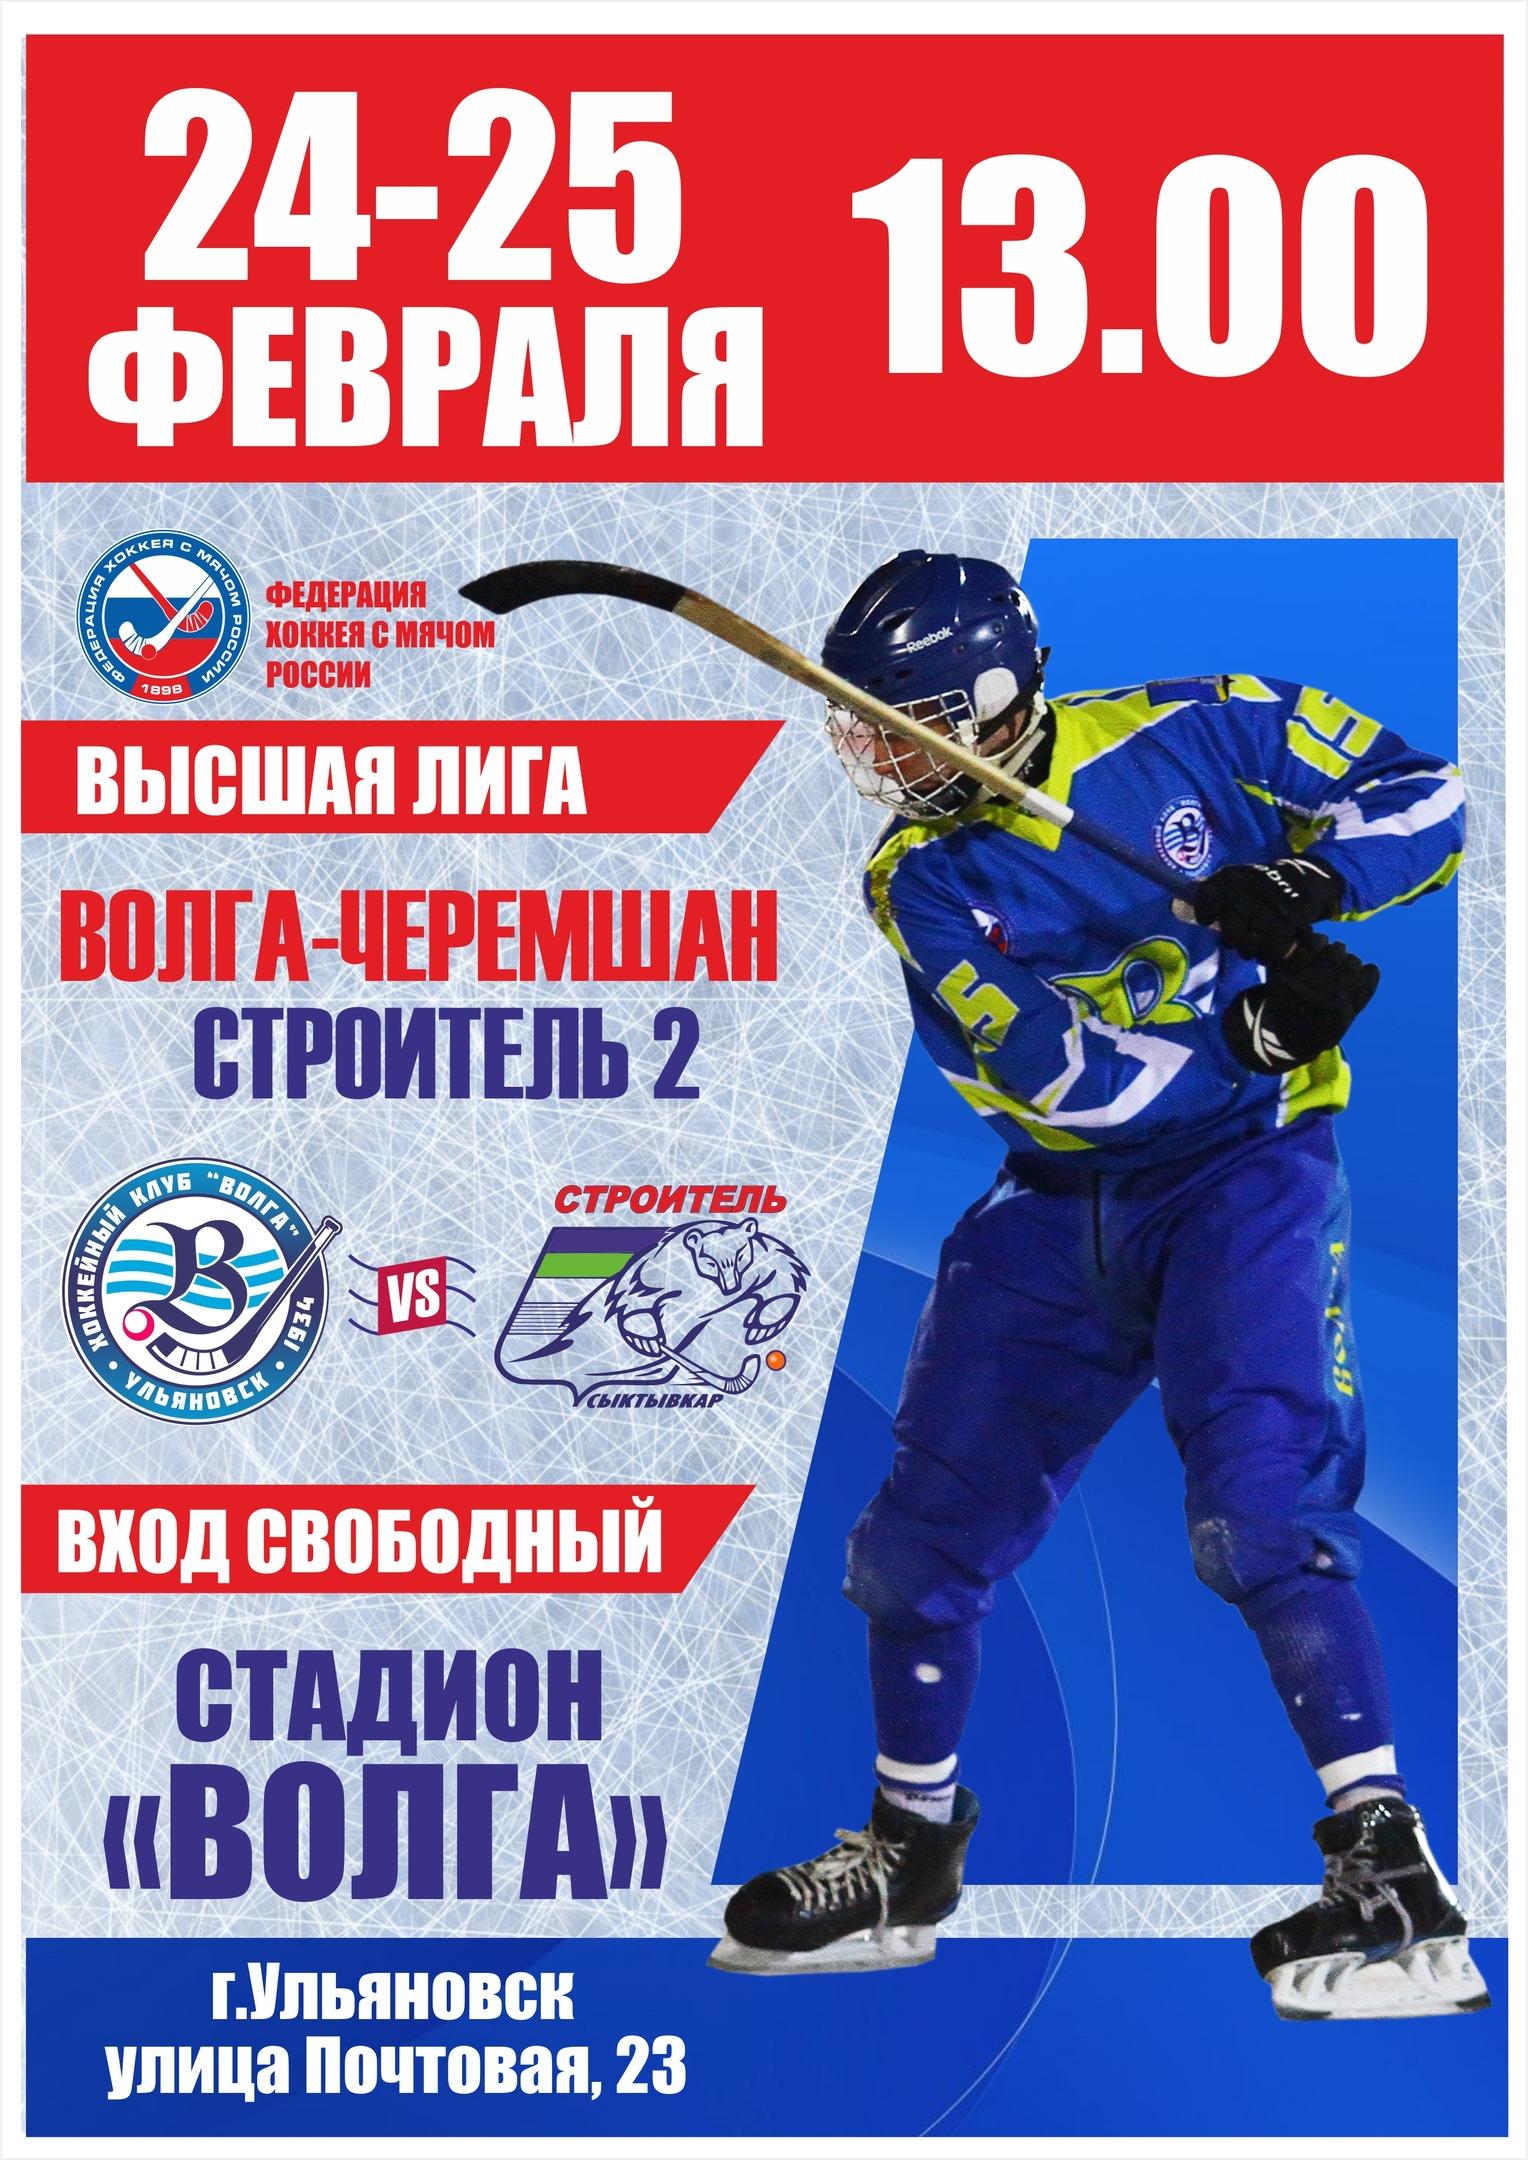 Всероссийские соревнования по хоккею с мячом среди команд Высшей лиги @ на стадионе «Волга» (ул. Почтовая, 23)